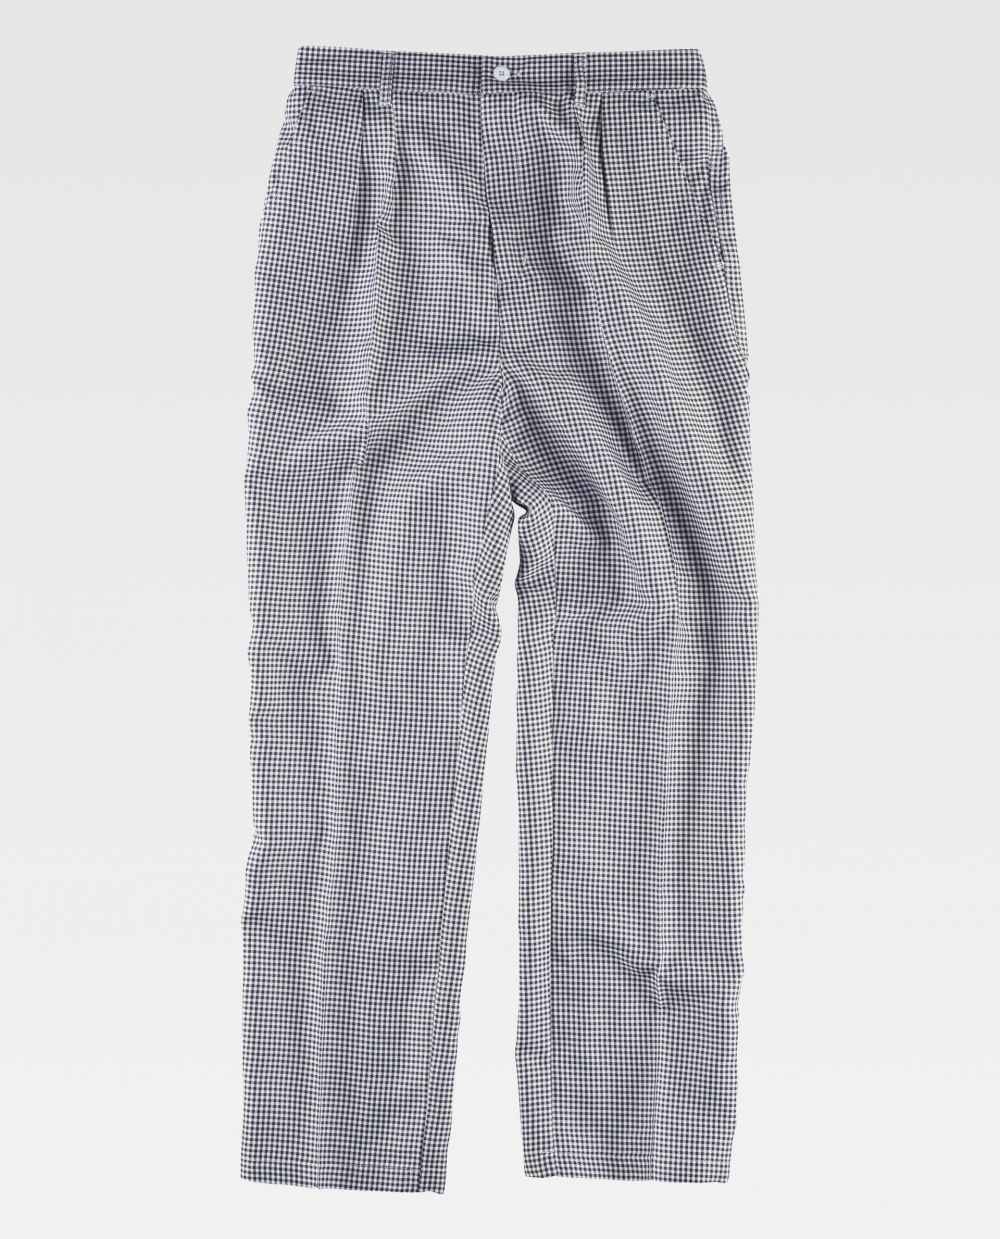 Pantalones de hostelería workteam b1426 de poliéster vista 2